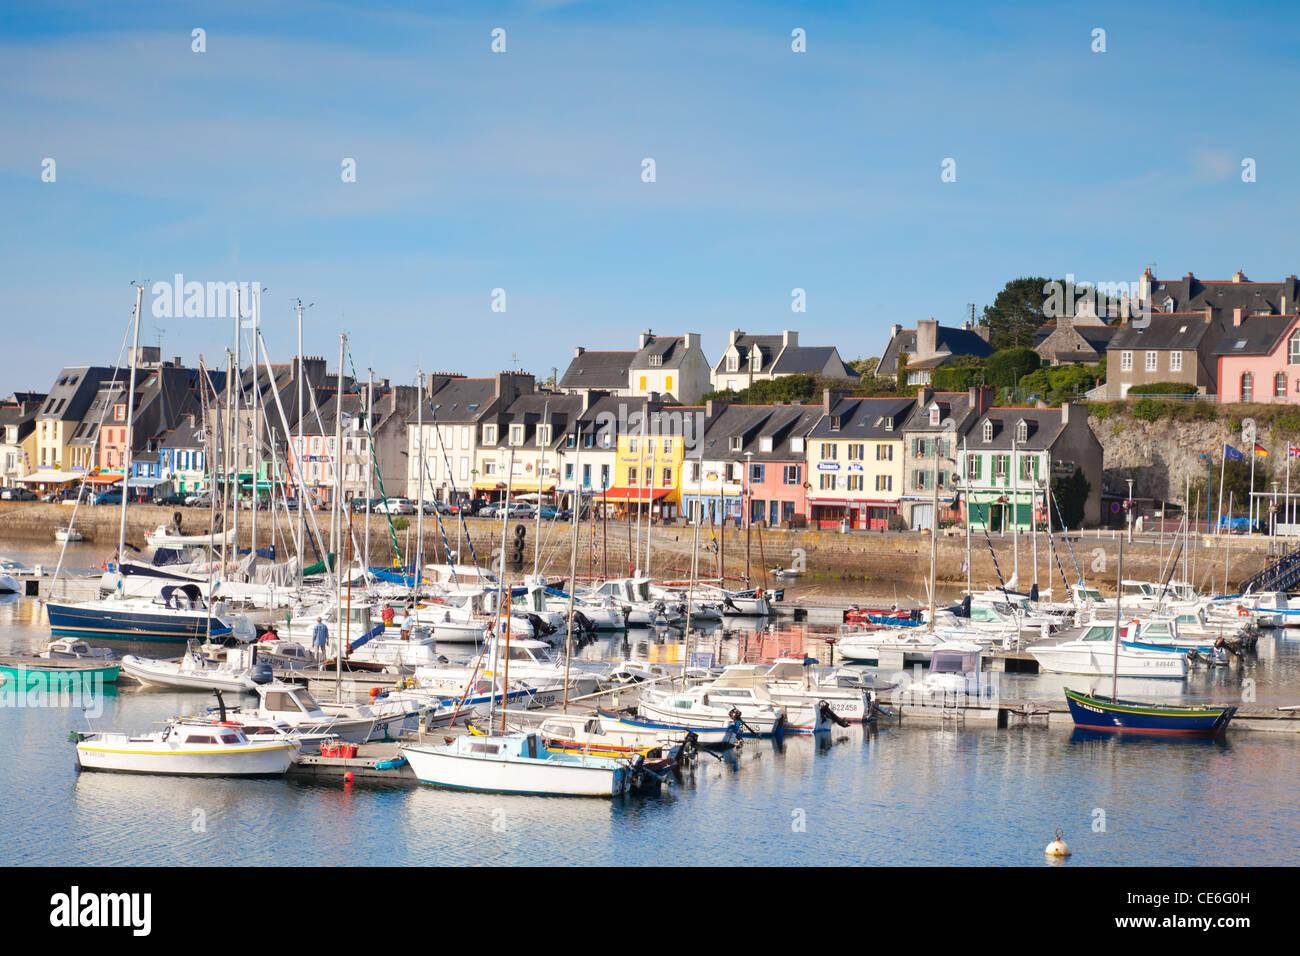 Le port et le bord de croisière à Camaret sur Mer, Bretagne, France. Photo Stock